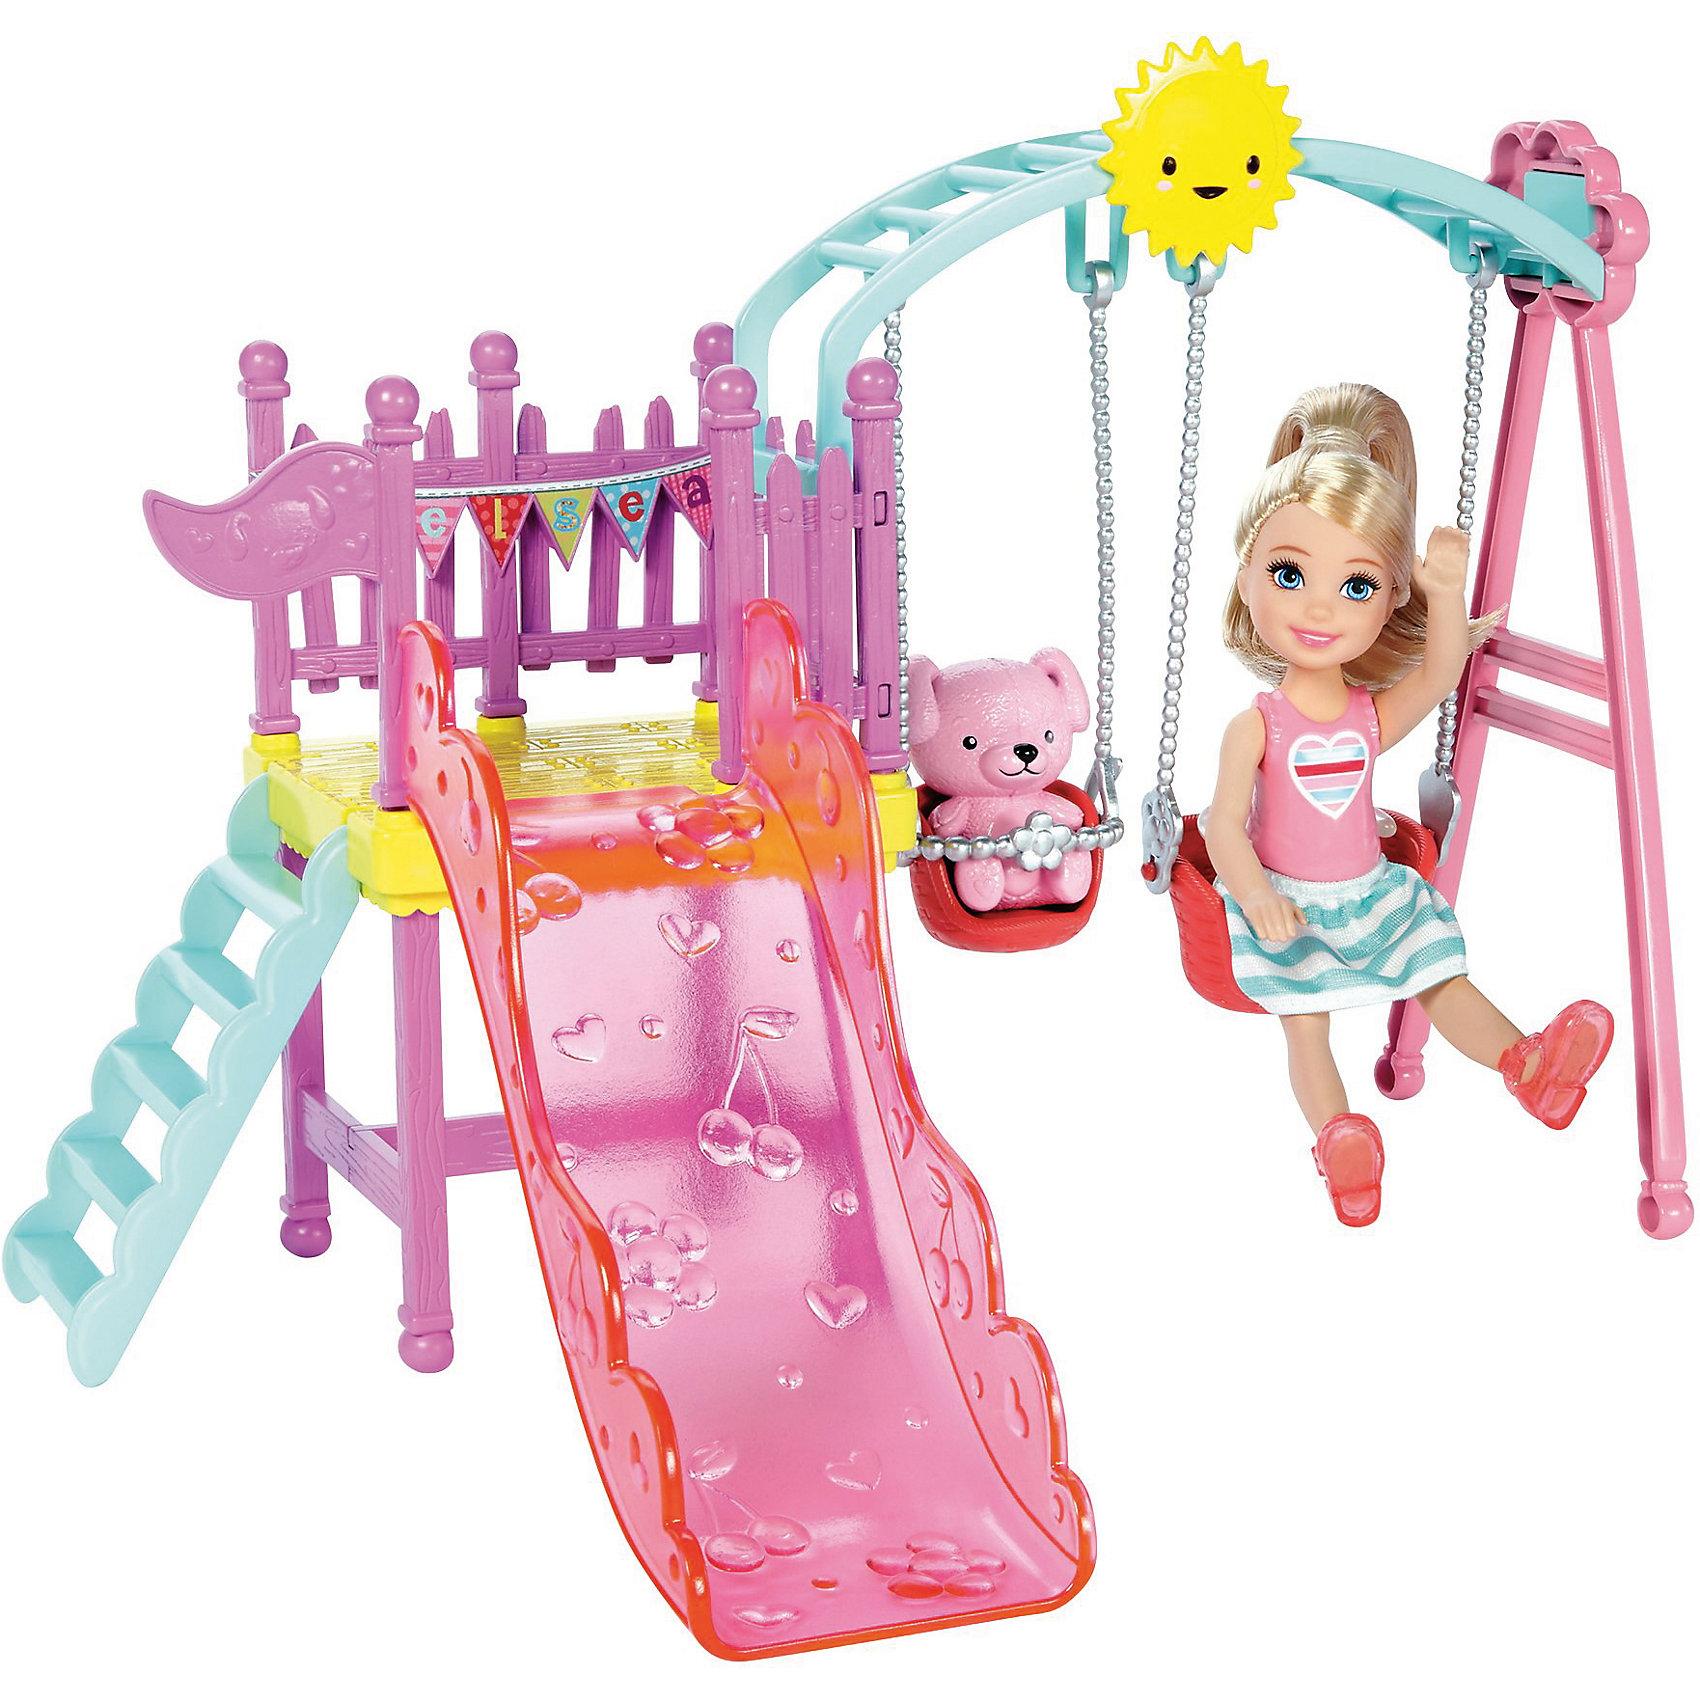 Набор с мини-куклой Mattel Barbie Развлечения Челси На детской площадке, 12 смКуклы<br><br><br>Ширина мм: 265<br>Глубина мм: 85<br>Высота мм: 250<br>Вес г: 509<br>Возраст от месяцев: 36<br>Возраст до месяцев: 120<br>Пол: Женский<br>Возраст: Детский<br>SKU: 7140495